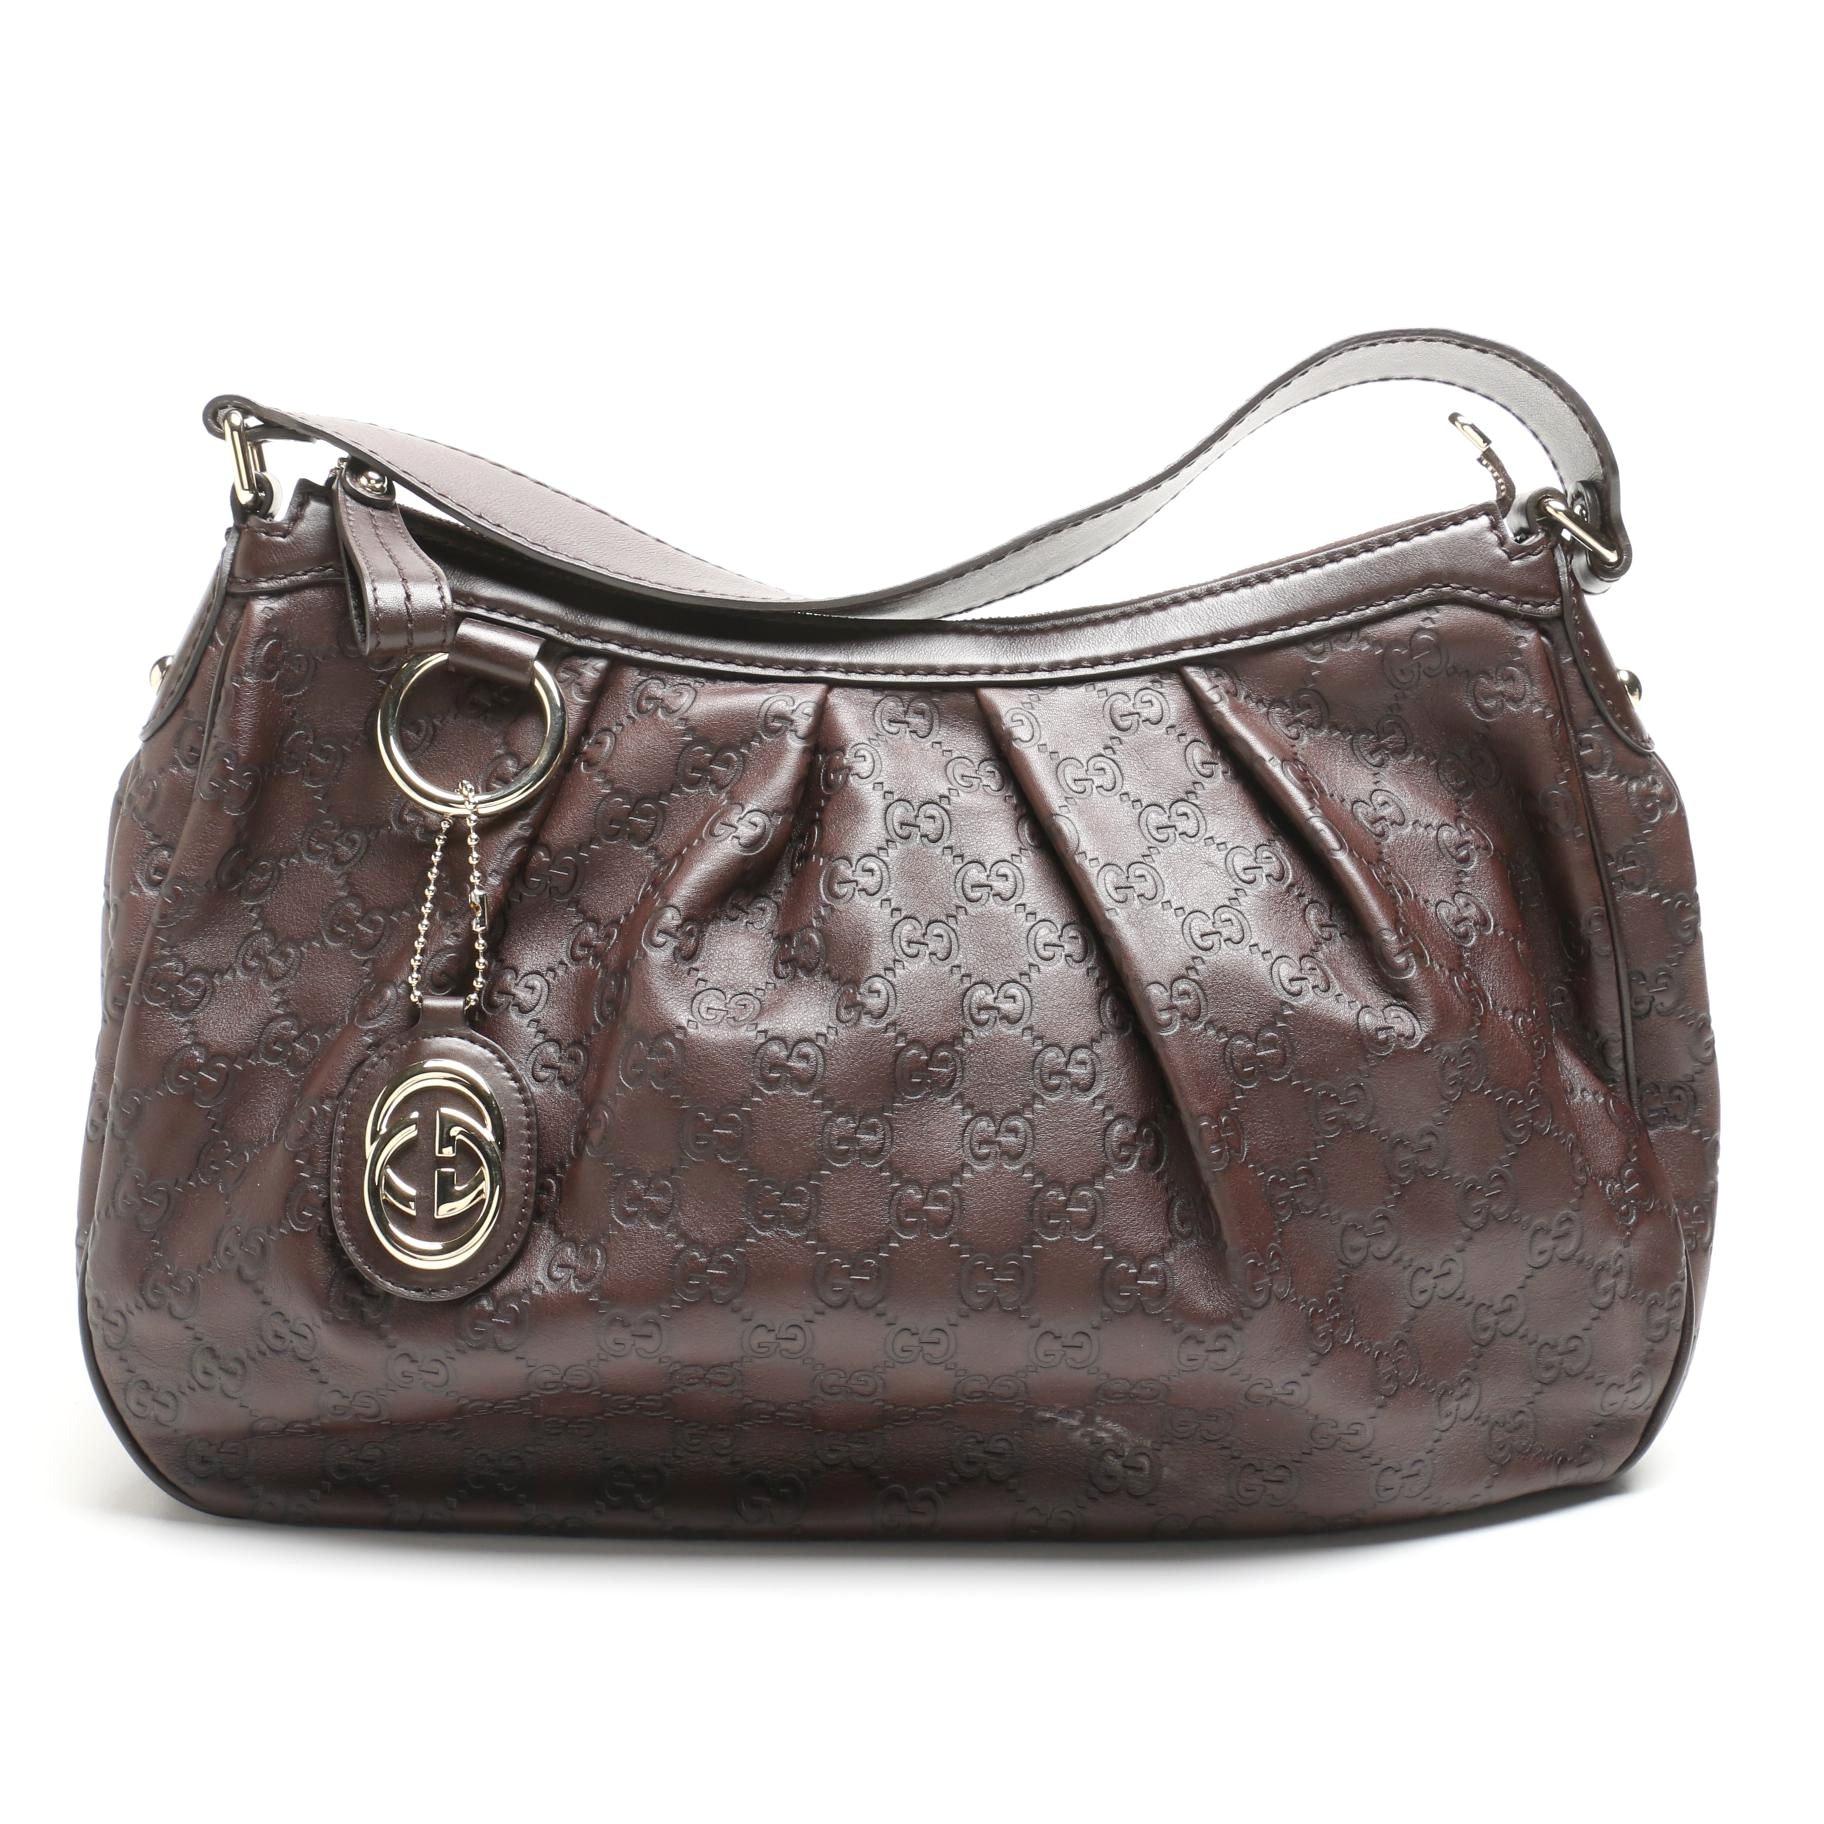 Gucci Guccissima Brown Leather Sukey Hobo Bag